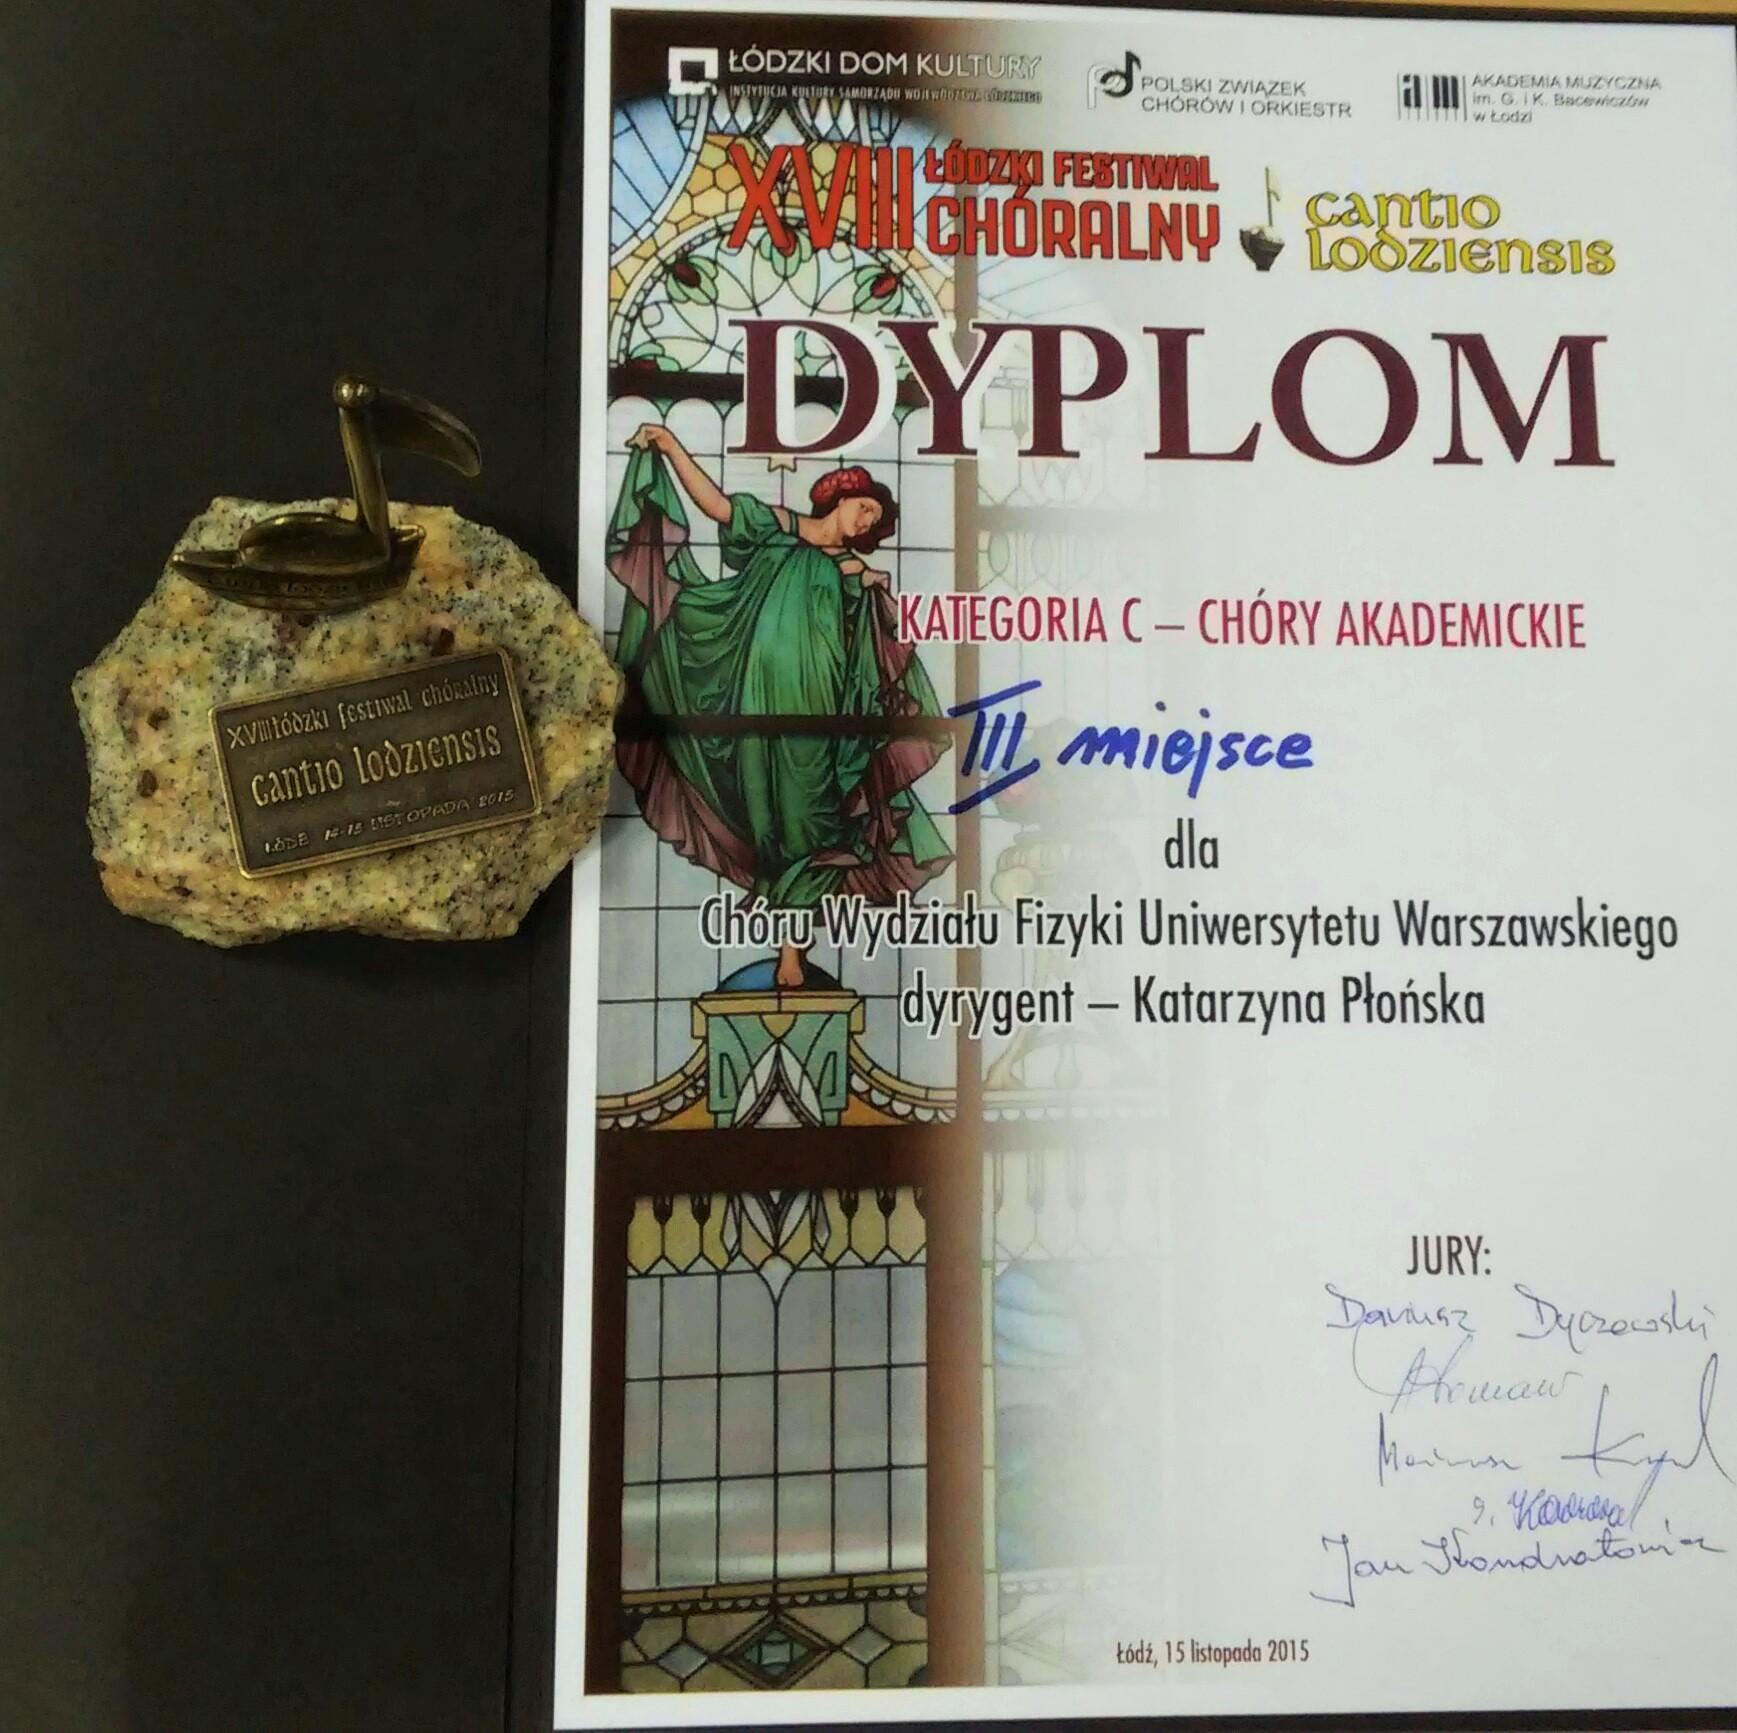 dyplom cantio